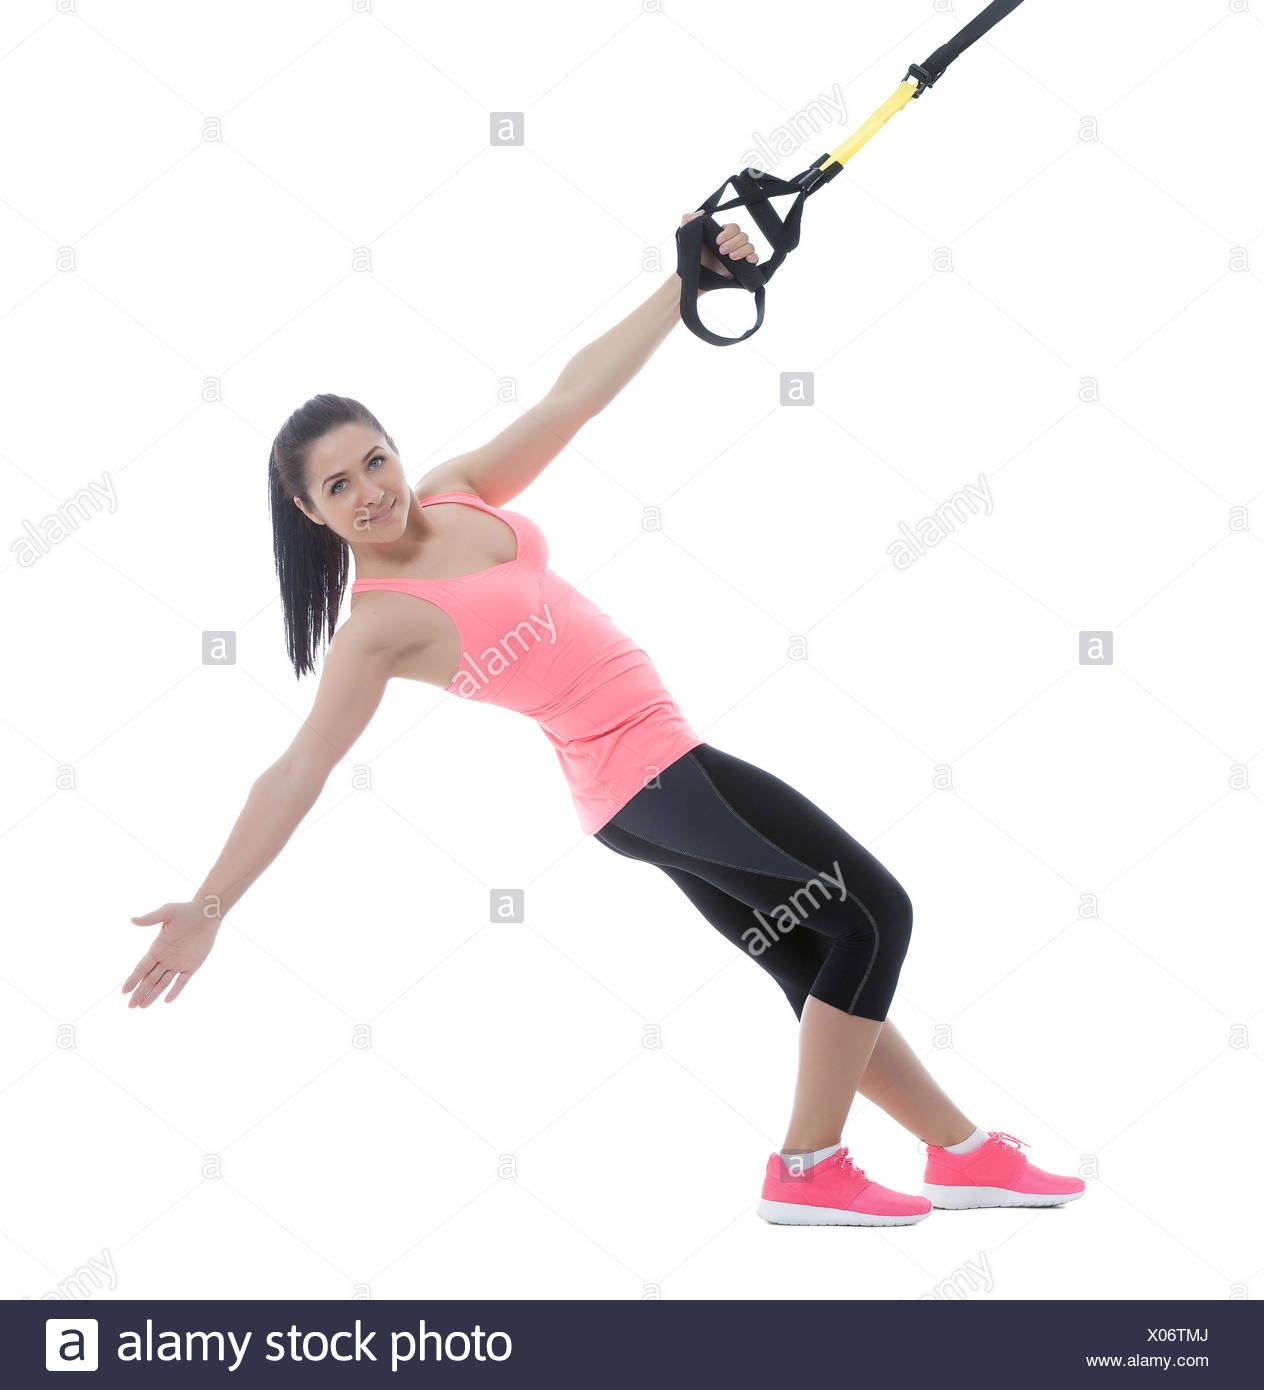 Ejercicios físicos Imagen De Stock